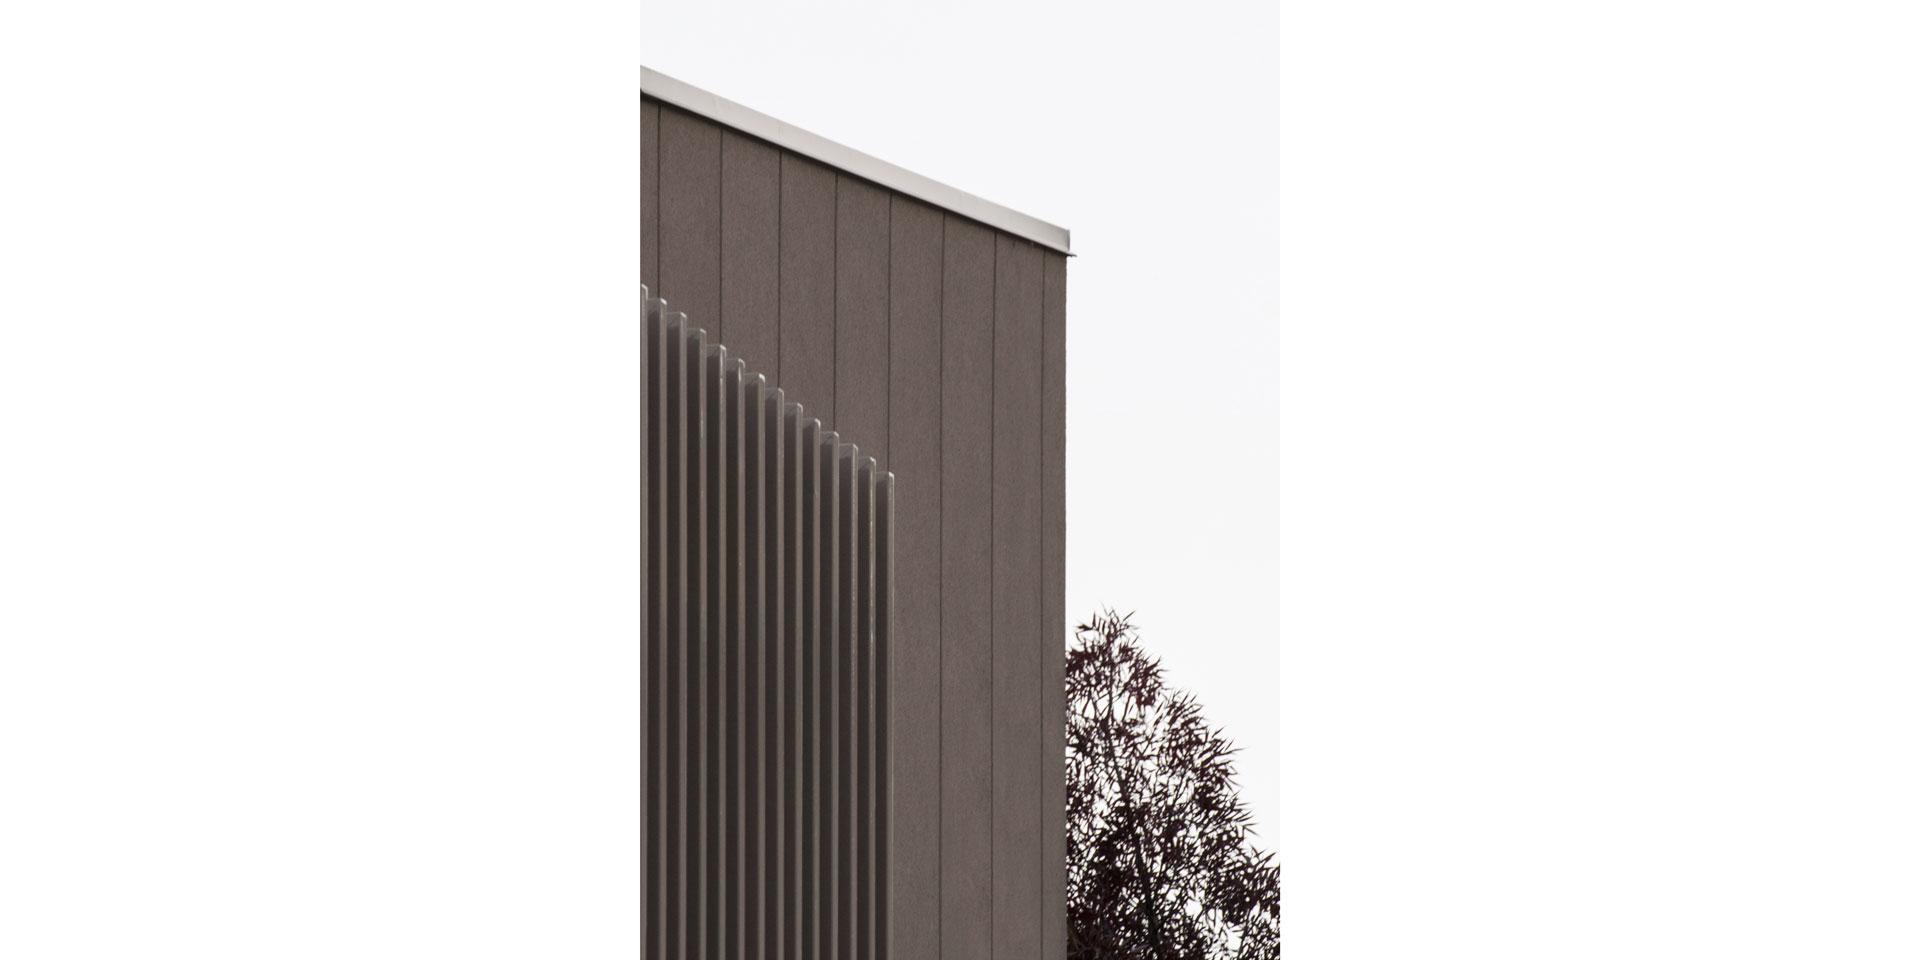 archinow_MAR_residenza-privata-rimini_11-1